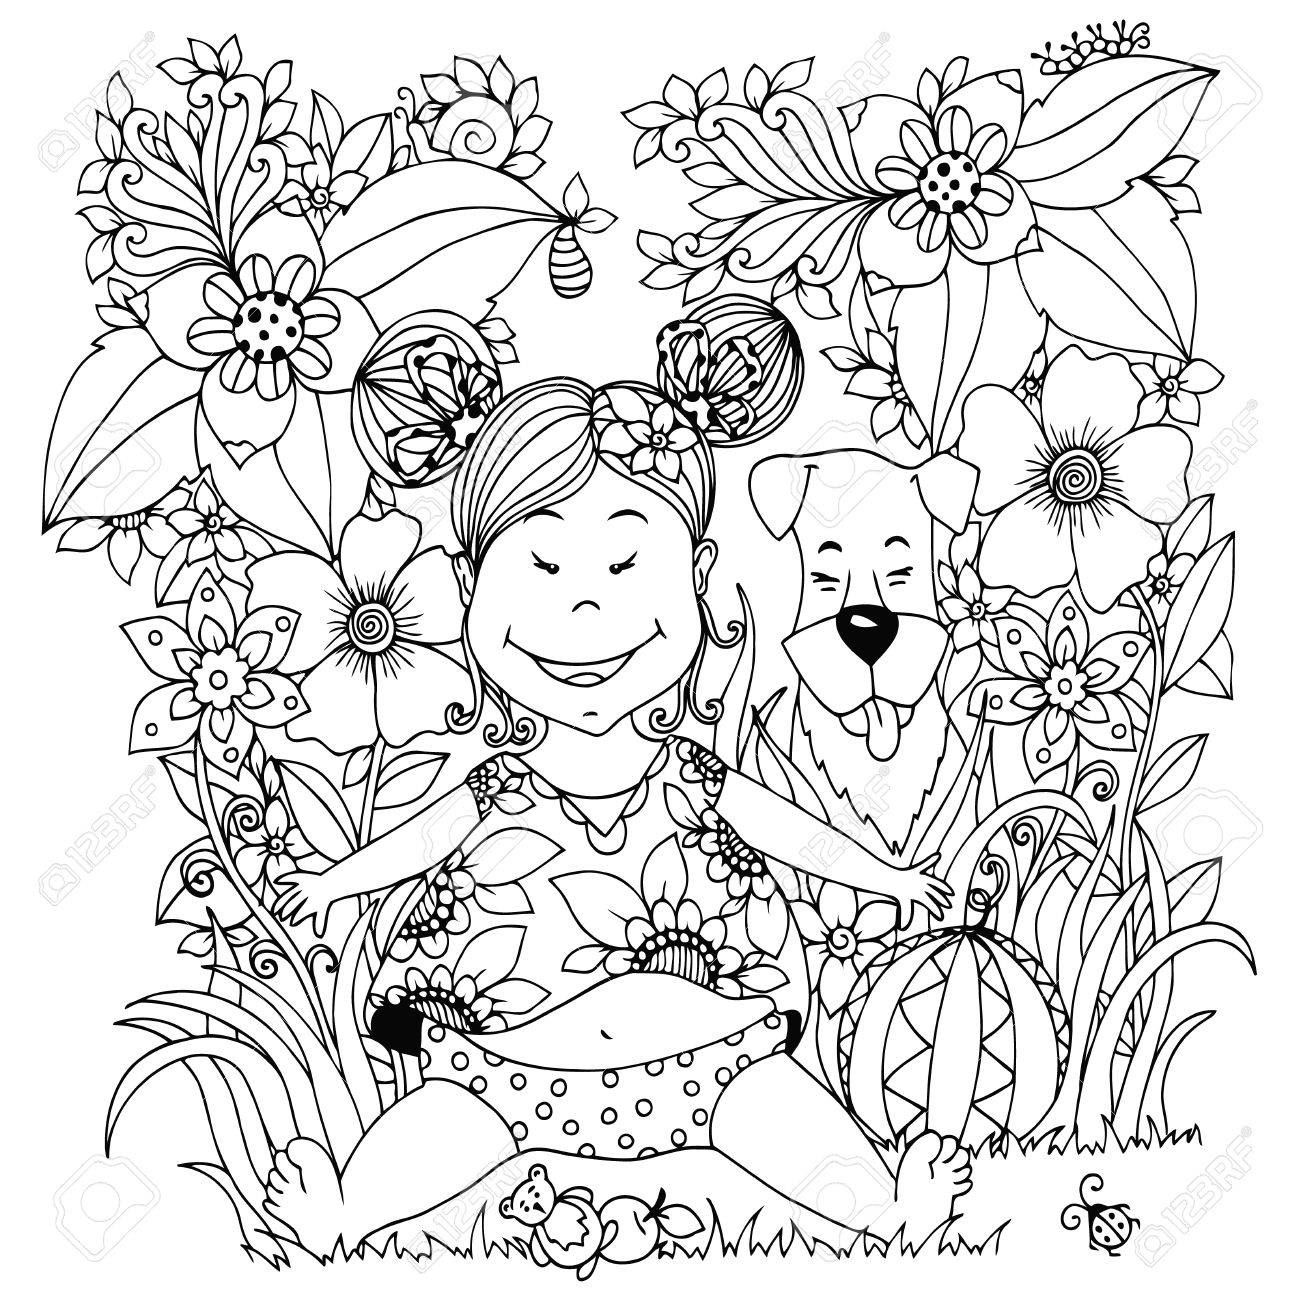 Vector Illustration Zen Tangle Bébé Petite Fille Avec Un Chien Dans Les Fleurs Dessin Doodle Coloriage Livre Anti Stress Pour Les Adultes Noir Et